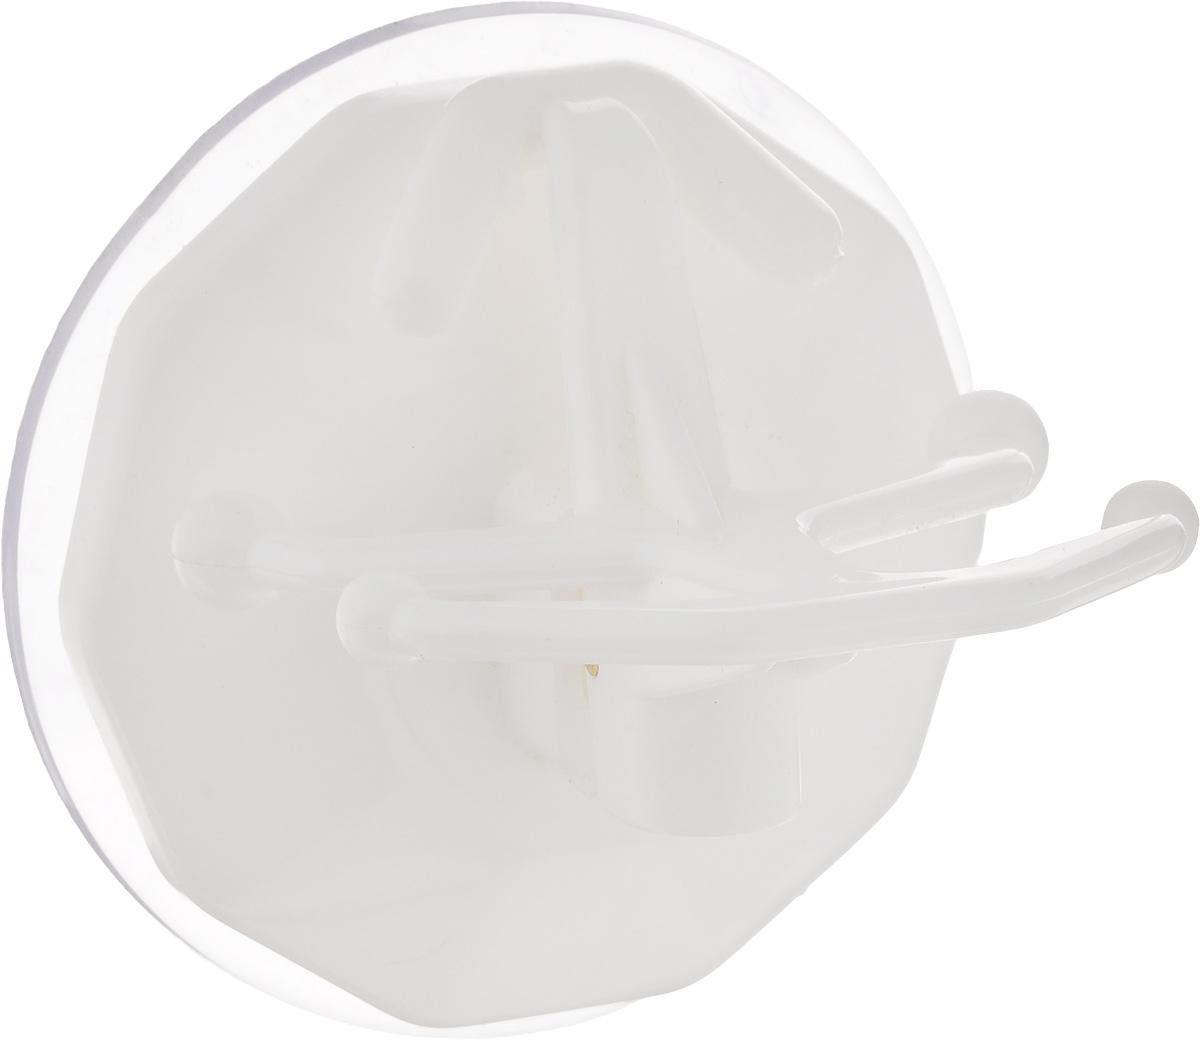 Вешалка настенная Gimi Bingo, на присоске, цвет: белый, 5 крючков1092019Вешалка настенная Gimi Bingo, выполненная из пластика, станет отличным решением для прихожей, ванной или кухни. Вешалка имеет 5 крючков, на которые вы сможете повесить ваши вещи. Прочная присоска надежно крепится к стене и не оставляет разводов и пятен. Практичная настенная вешалка поможет организовать пространство в вашем доме.Особенности вешалки:- успешно работает в интервале температур от -20°С до +60°С; - выдерживает нагрузку до 20 кг; - может служить годами, не требуя перевешивания; - без усилий снимается и перевешивается на новое место.